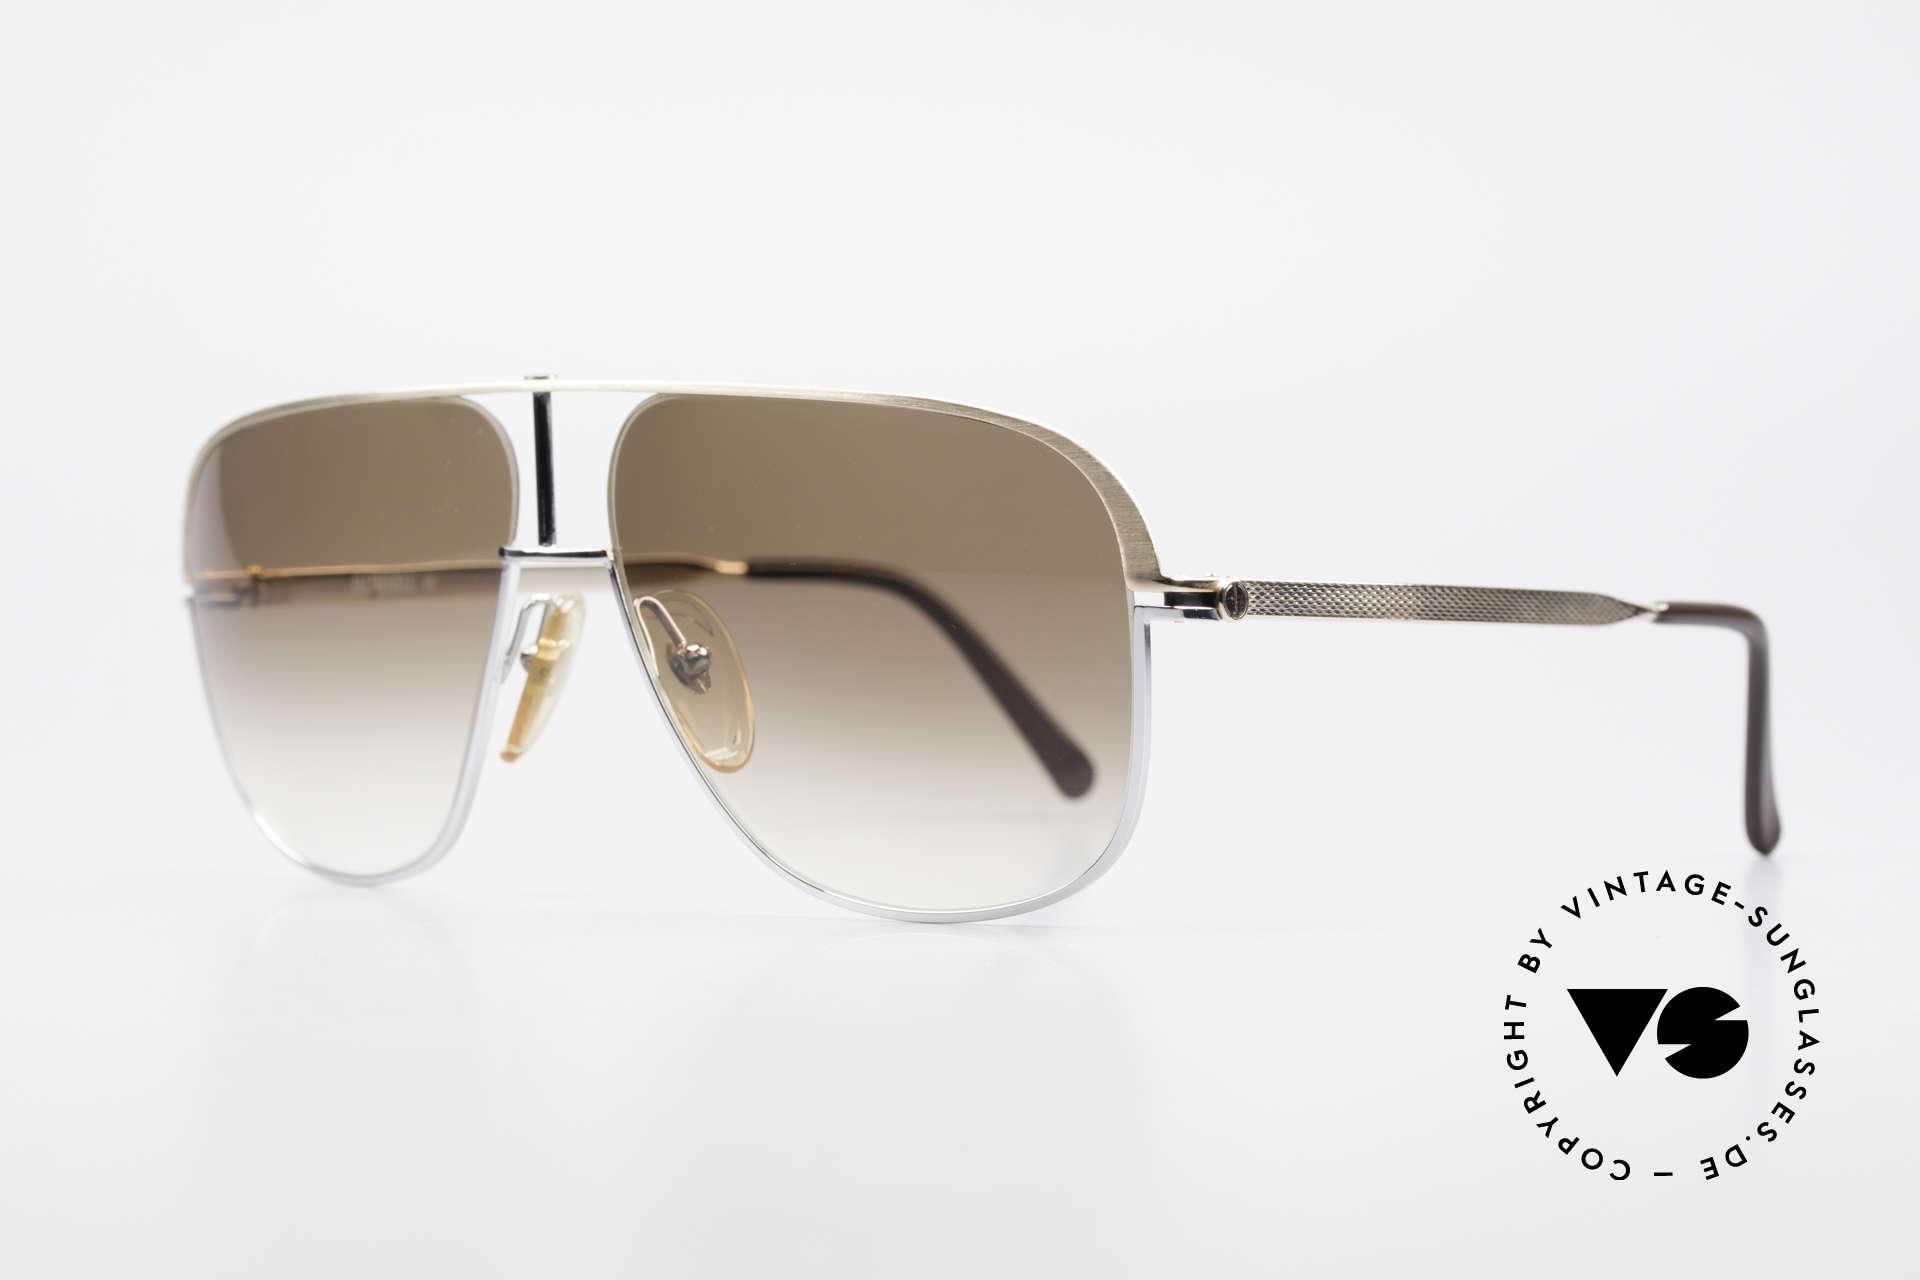 Dunhill 6019 80er Gentleman Luxus Brille, Fassung ist teils hartvergoldet und teils verchromt, Passend für Herren